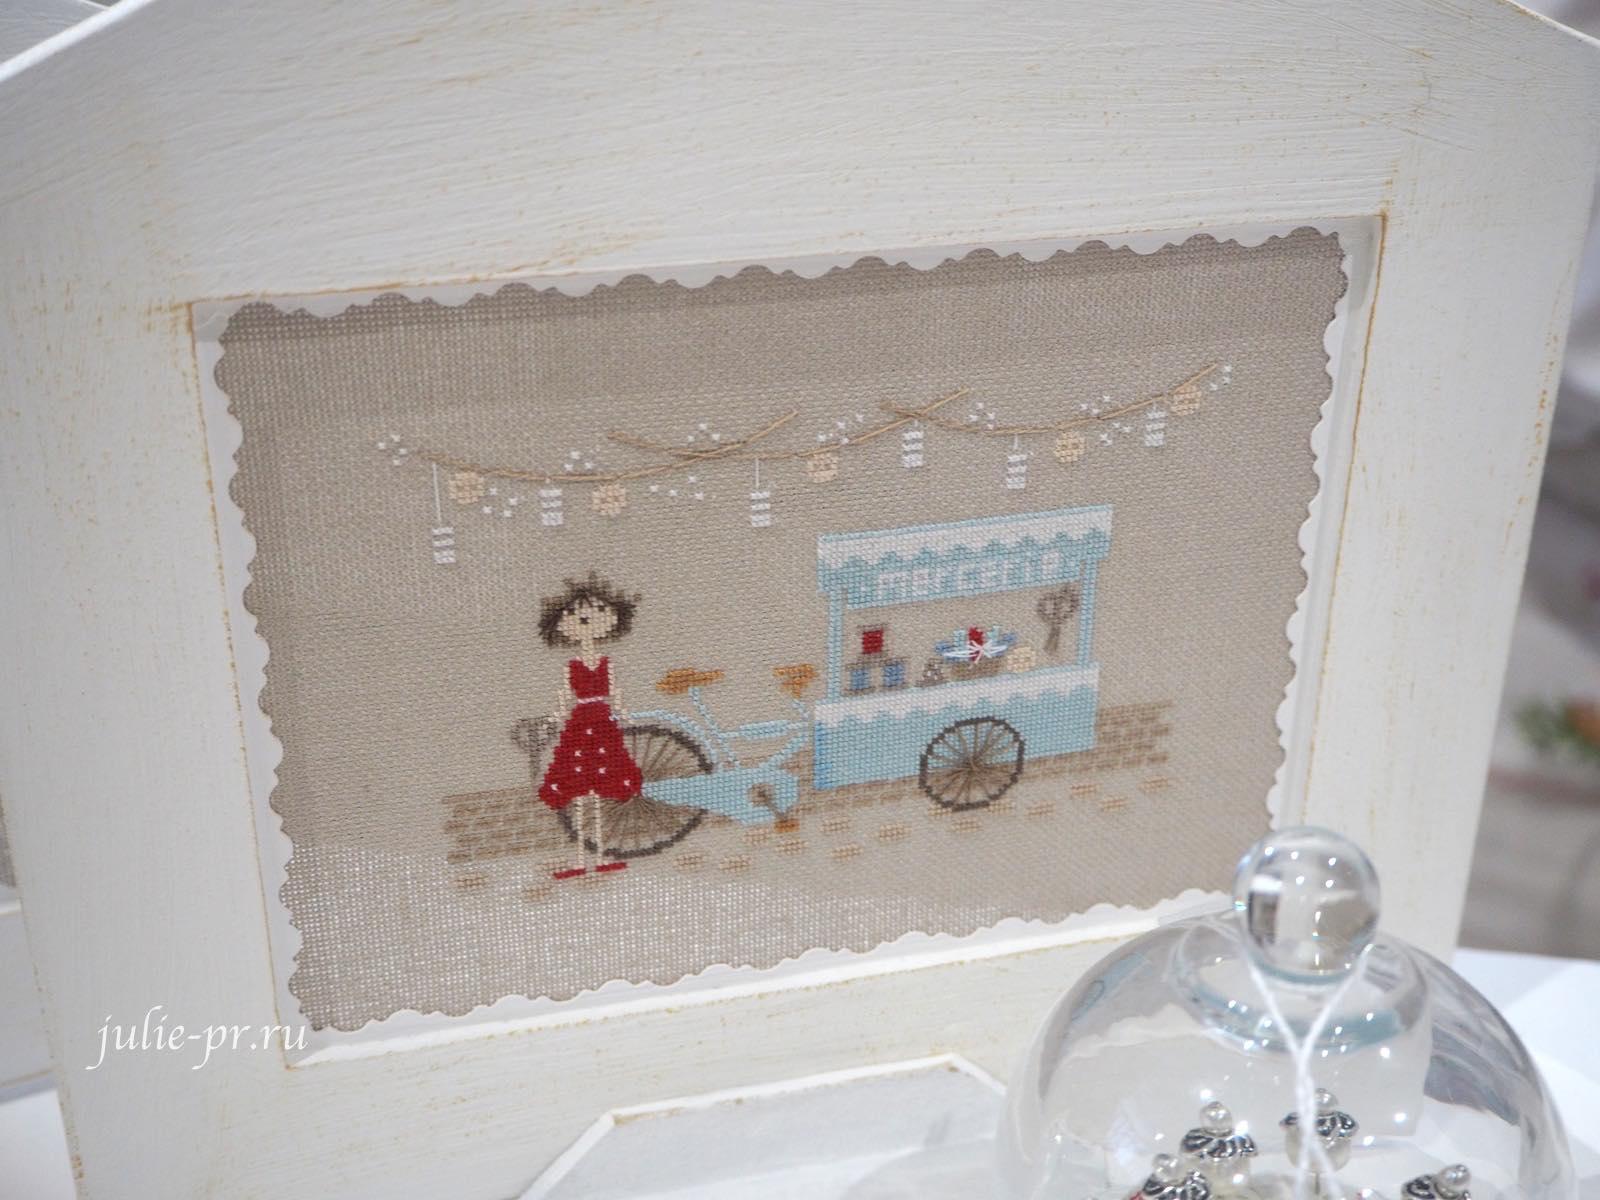 Jennifer Lentini, Aguille en Fete, вышивальщица, вышивка крестом